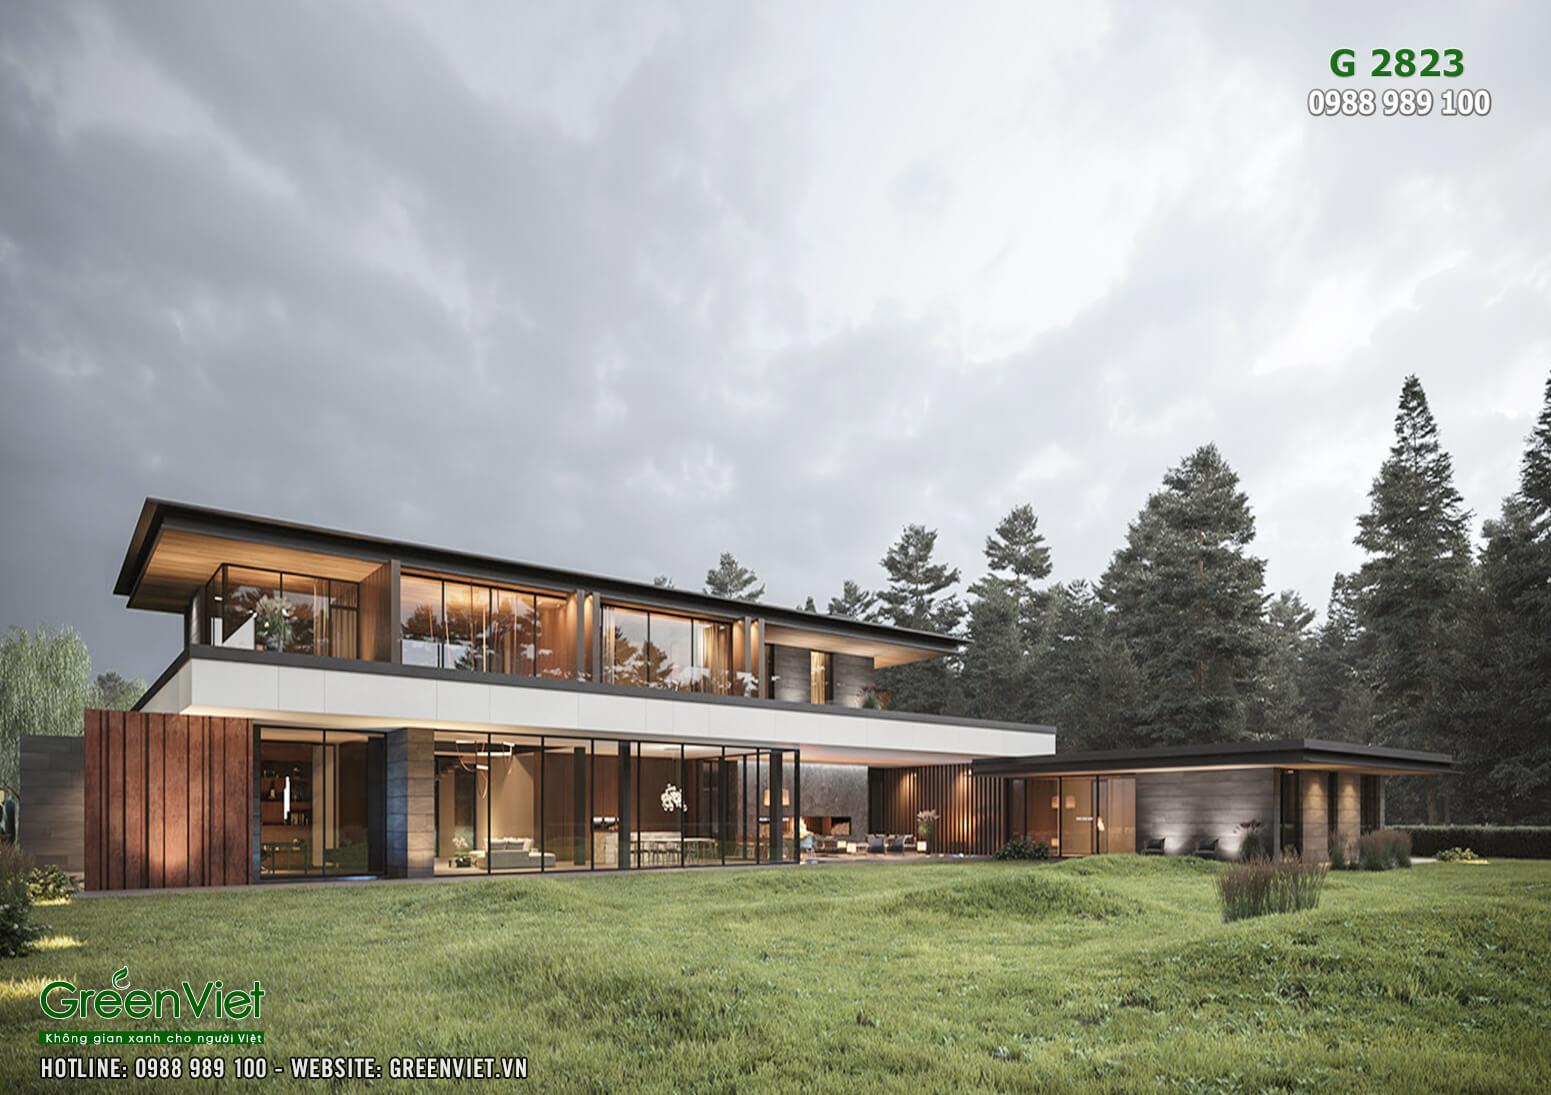 Hình ảnh: Thiết kế biệt thự hiện đại đẹp - G2823